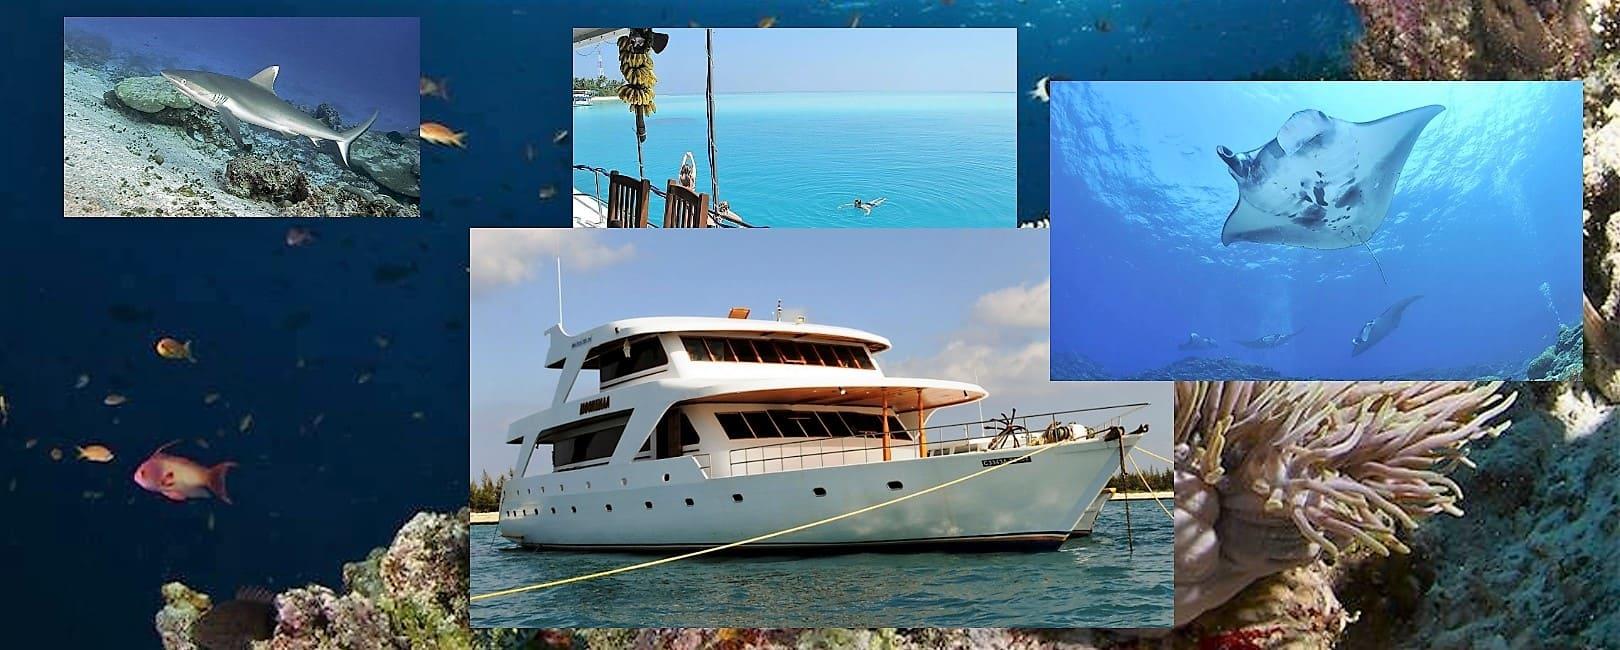 Moonima aux Maldives. Croisière plongée à bord d'un bateau confortable